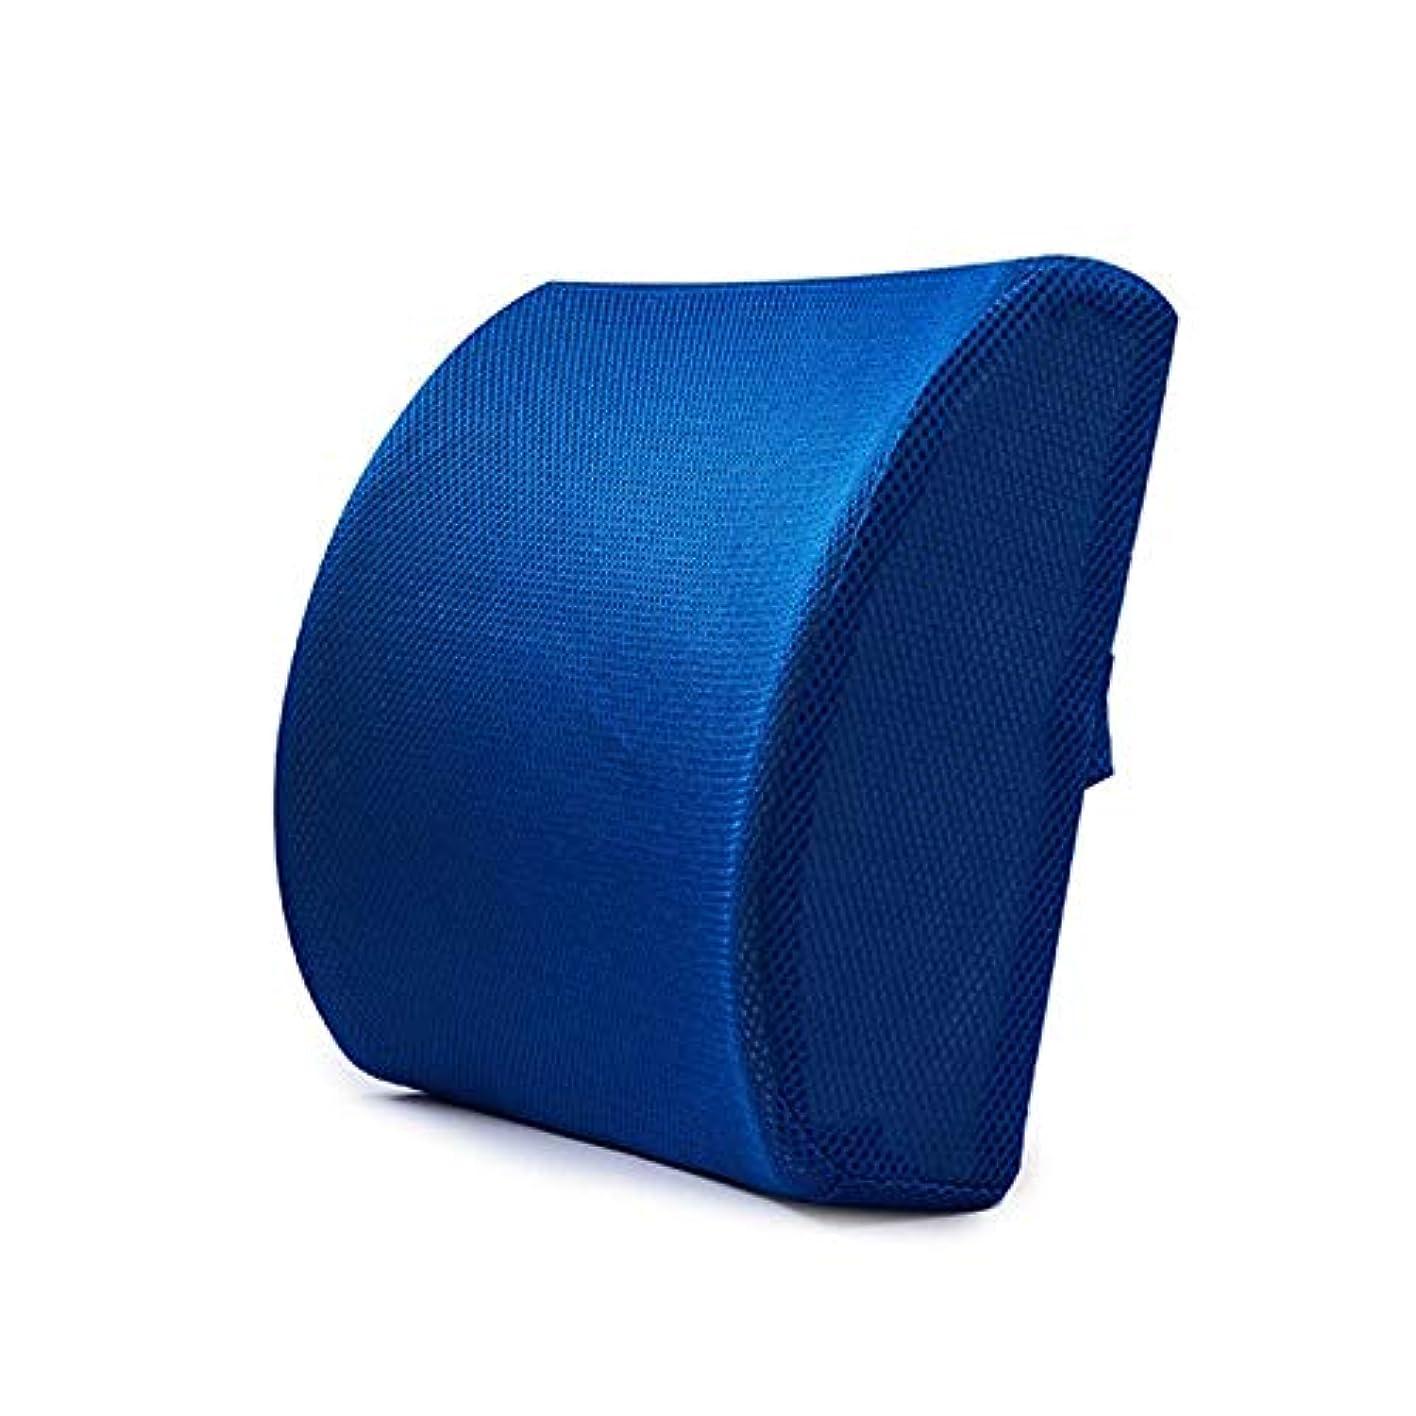 インストール仲良し落ち着かないLIFE ホームオフィス背もたれ椅子腰椎クッションカーシートネック枕 3D 低反発サポートバックマッサージウエストレスリビング枕 クッション 椅子